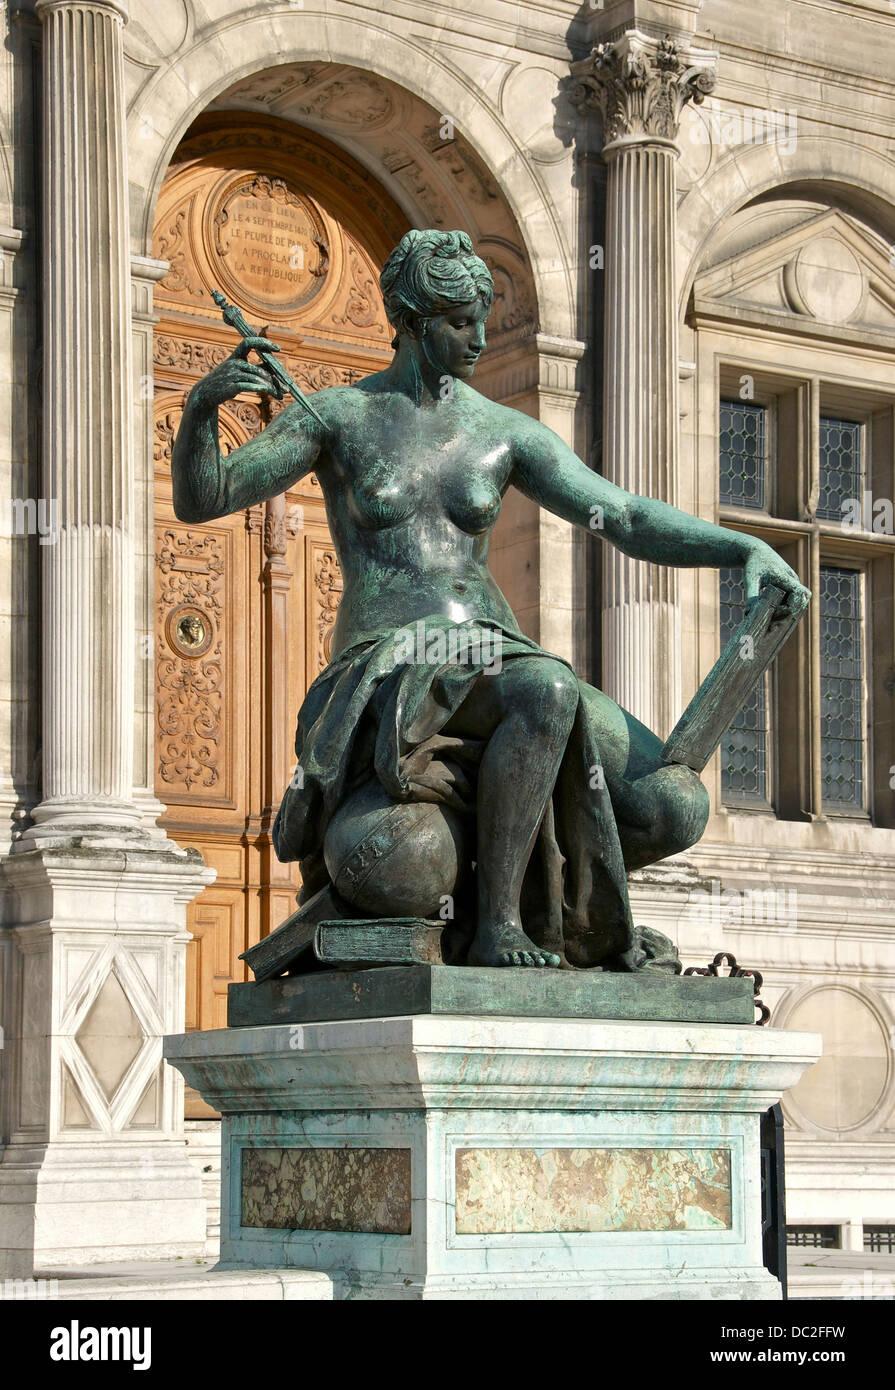 La Science, bronze by Jules Blanchard, in front of the Hôtel de Ville, Paris, France. Stock Photo